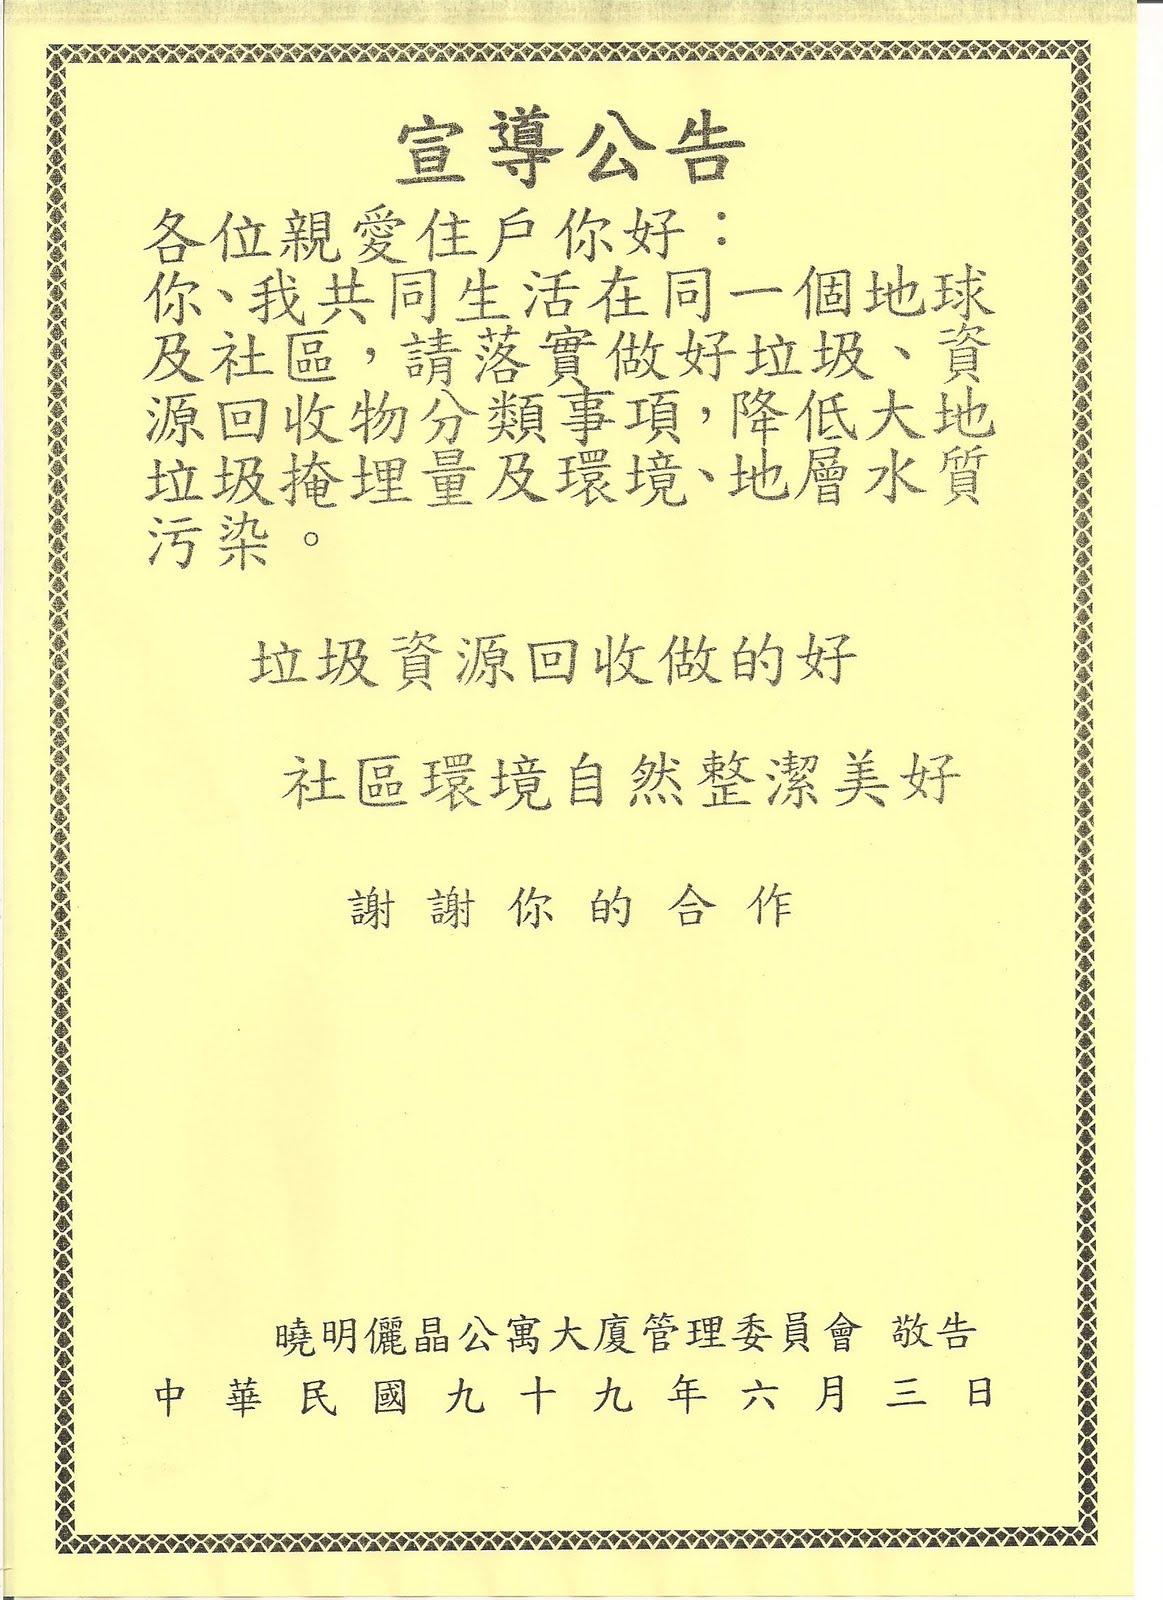 『曉明儷晶 社區管理委員會』/ 中衛保全駐衛管理: 六月 2010